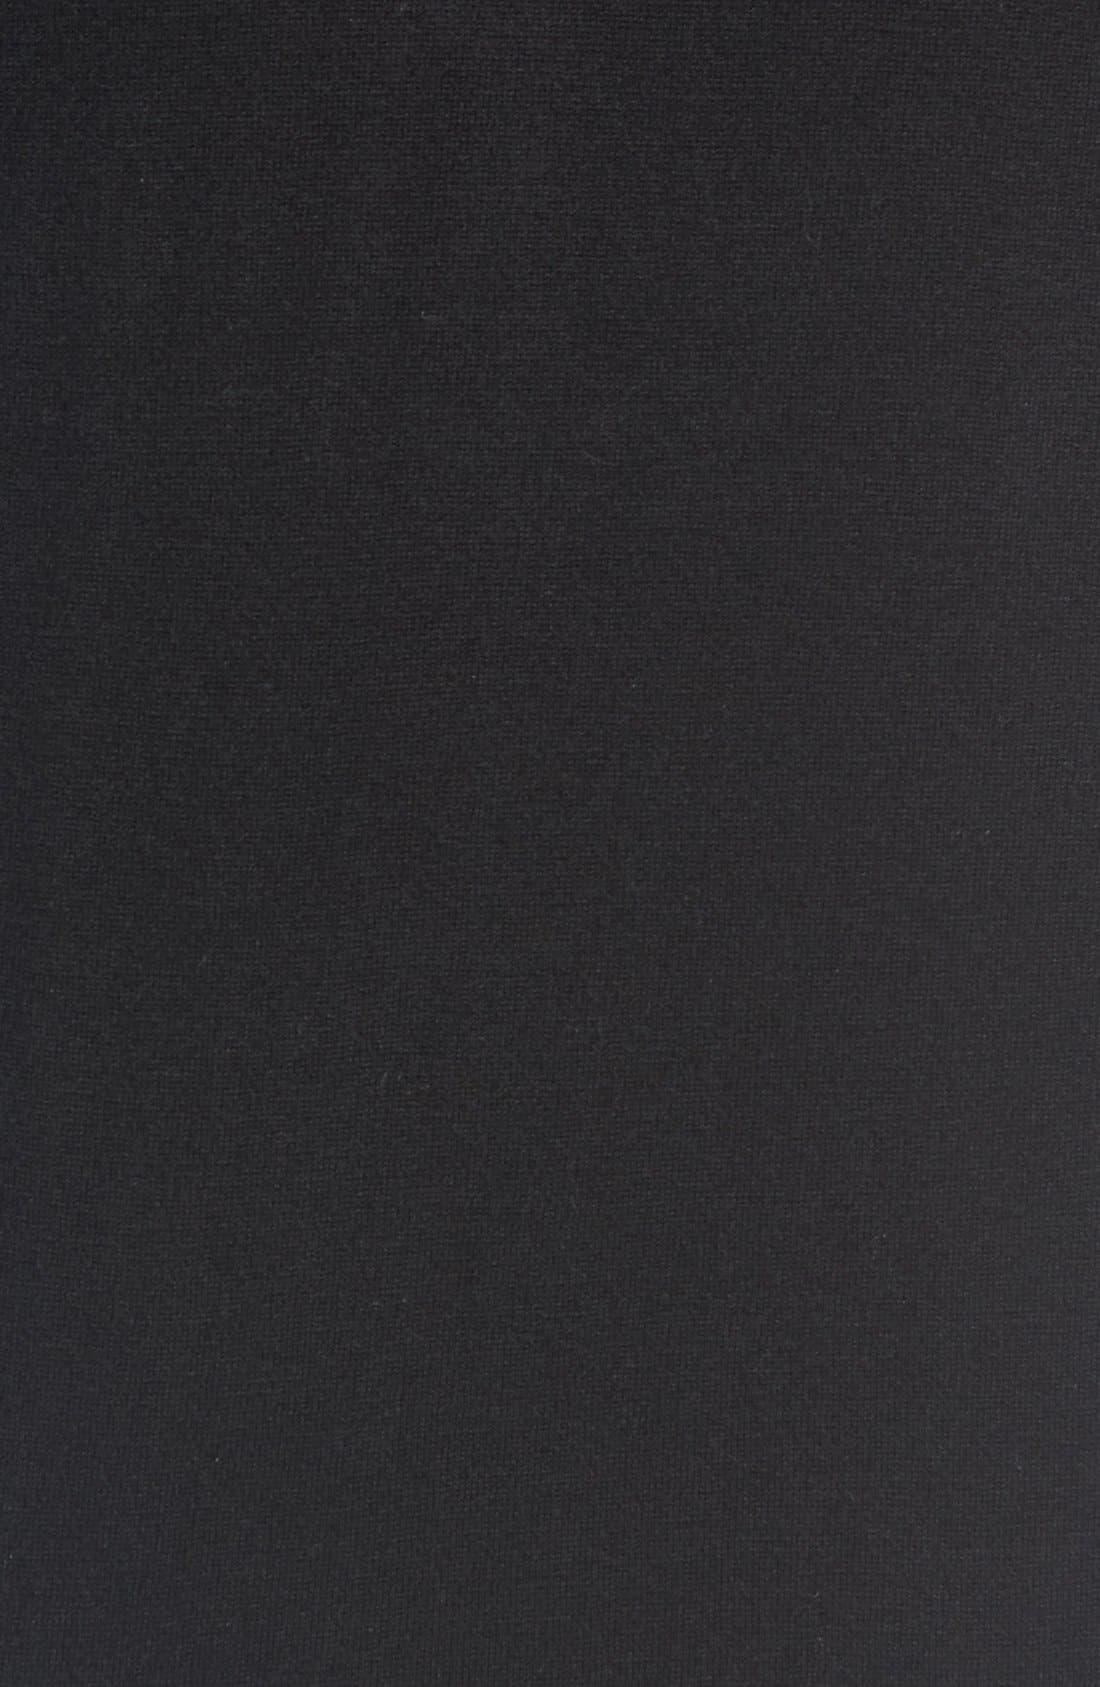 'Cashguy' Trim Fit V-Neck Sweater,                             Alternate thumbnail 5, color,                             001